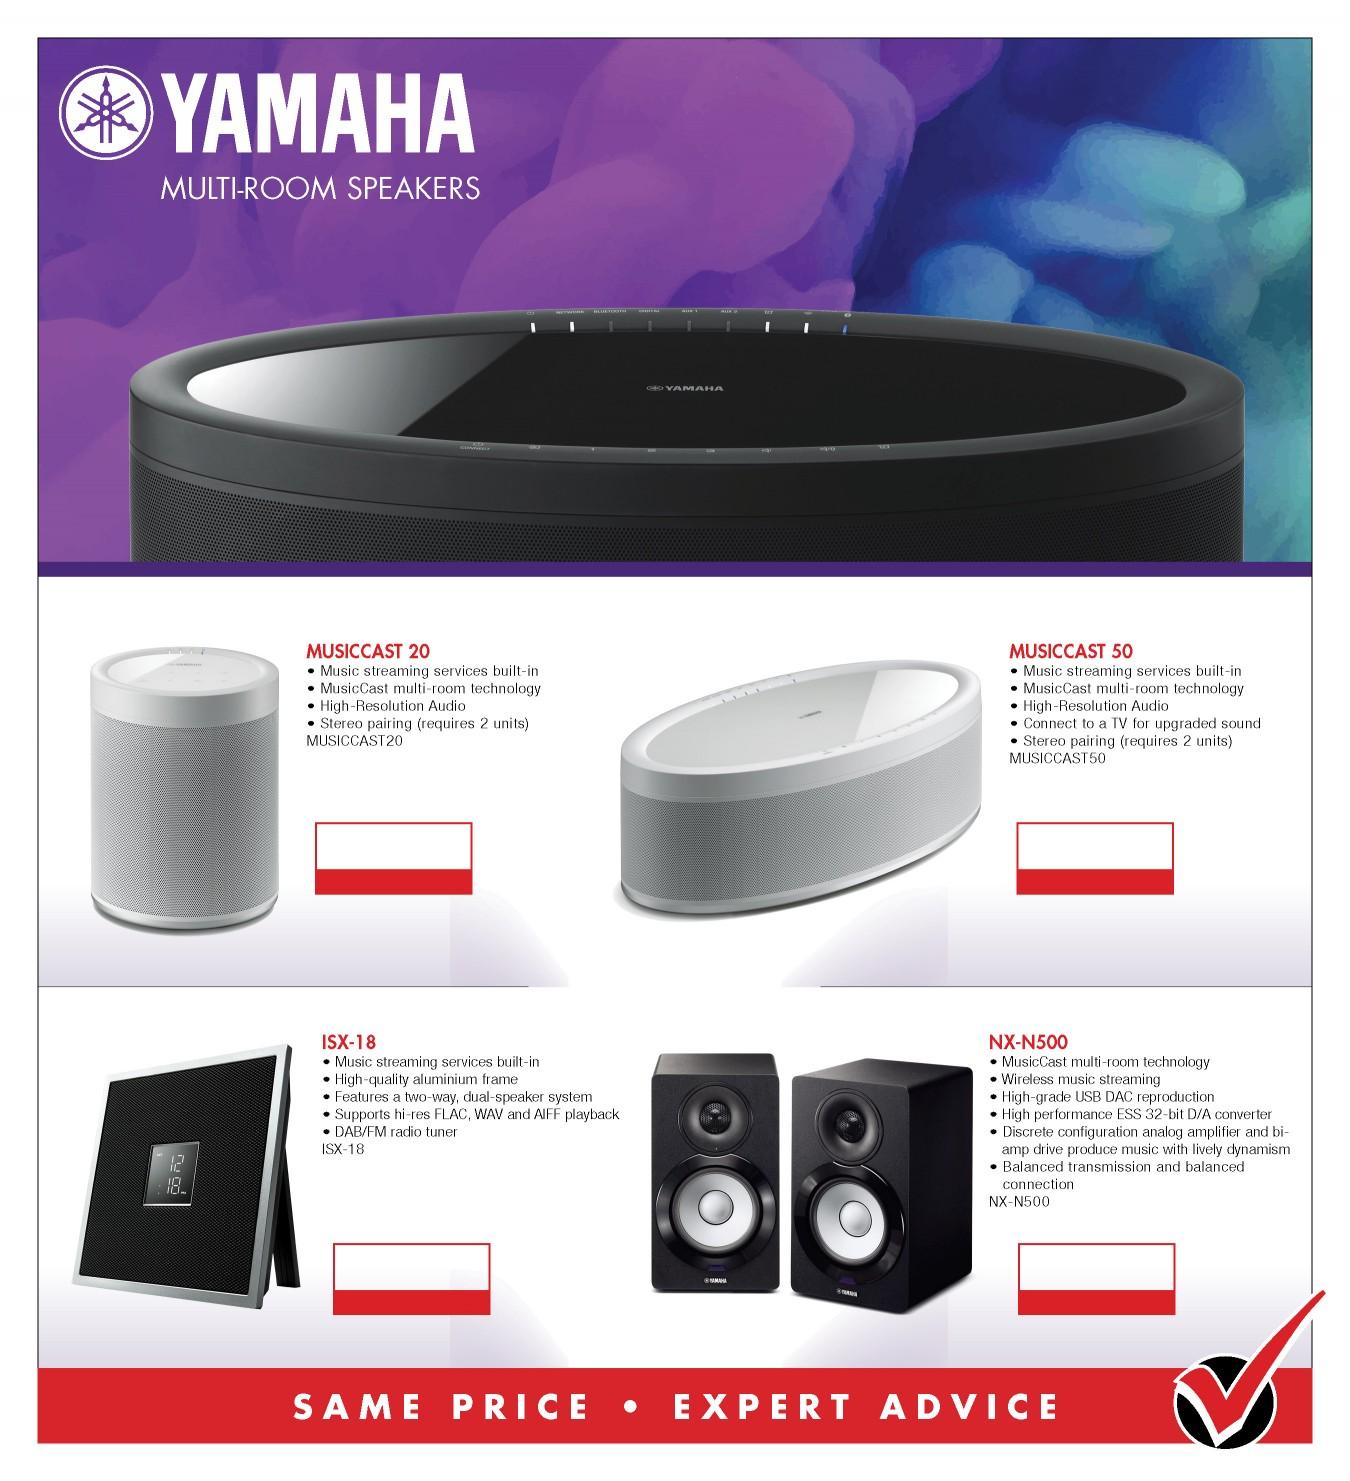 Yamaha Multiroom Speakers